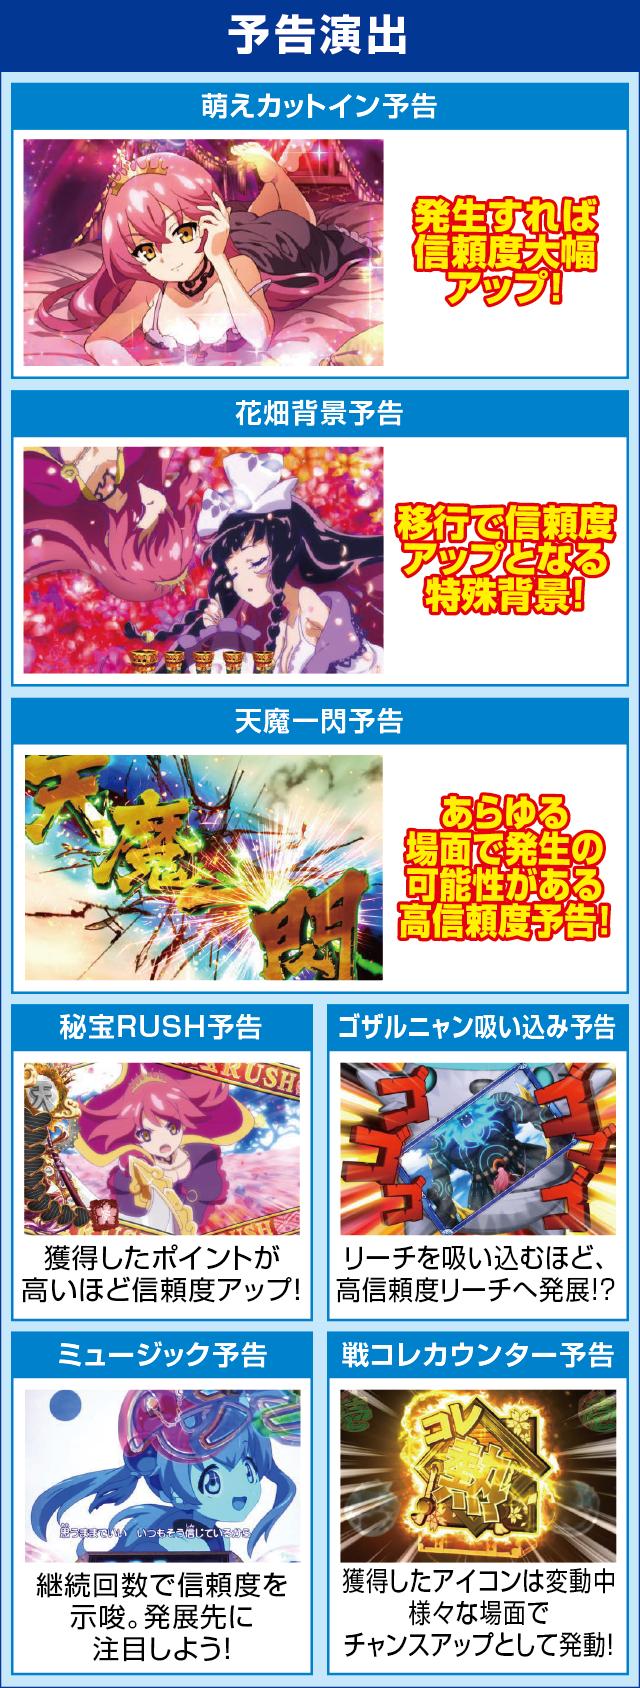 ぱちんこ戦国コレクションのピックアップポイント